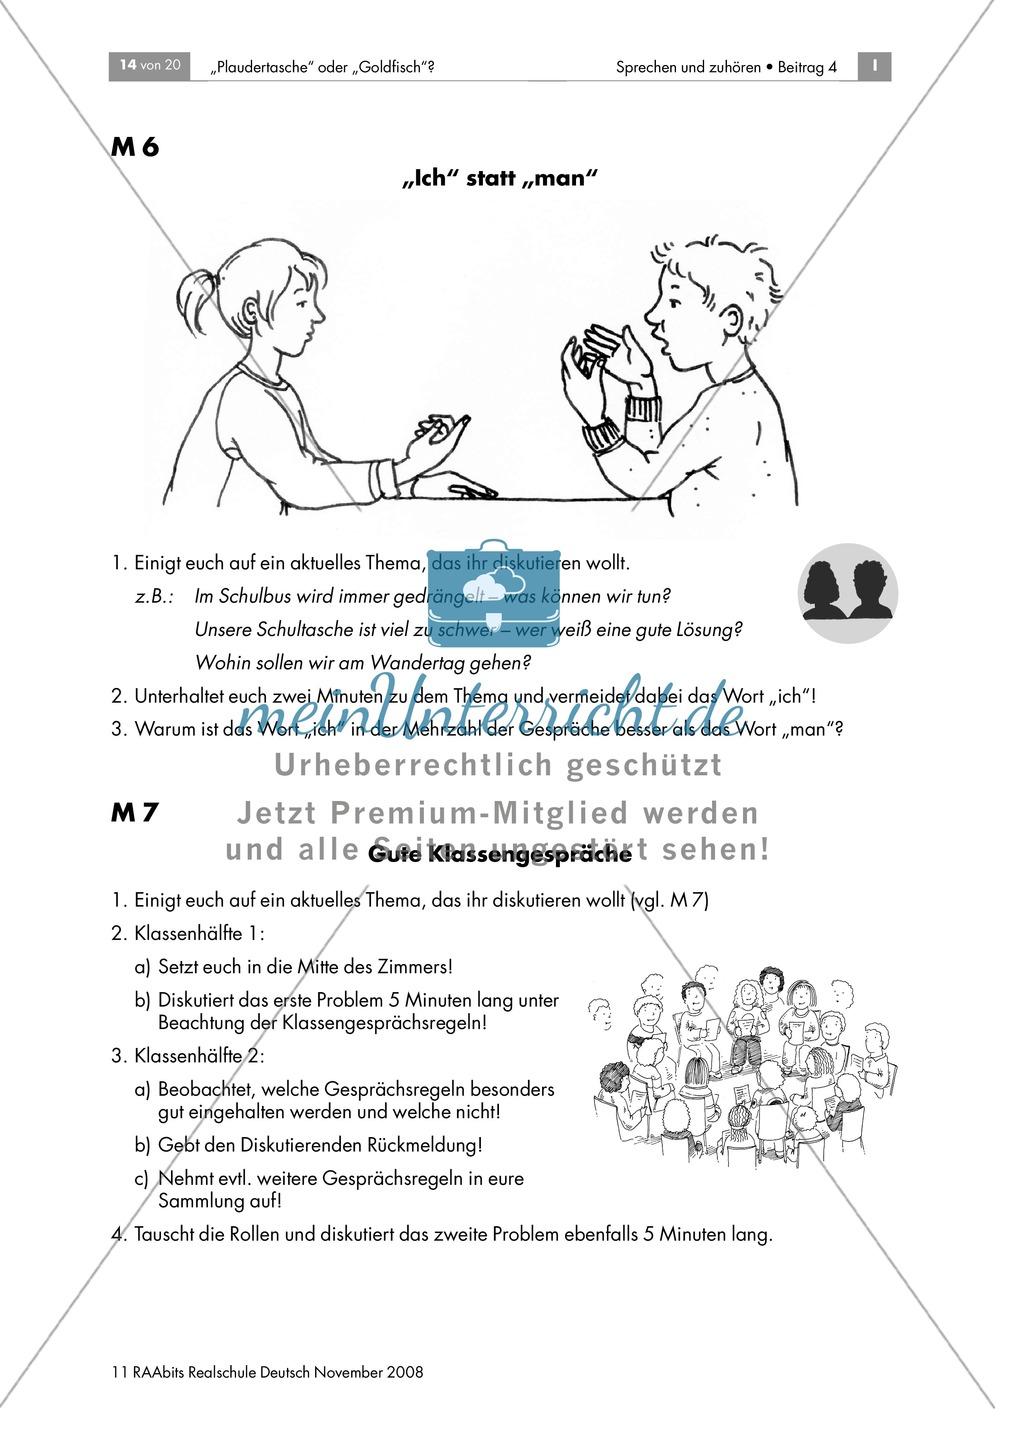 Angemessene Ausdrucksweisen finden - Wünschenswertes Gesprächsverhalten reflektieren und einüben Preview 0